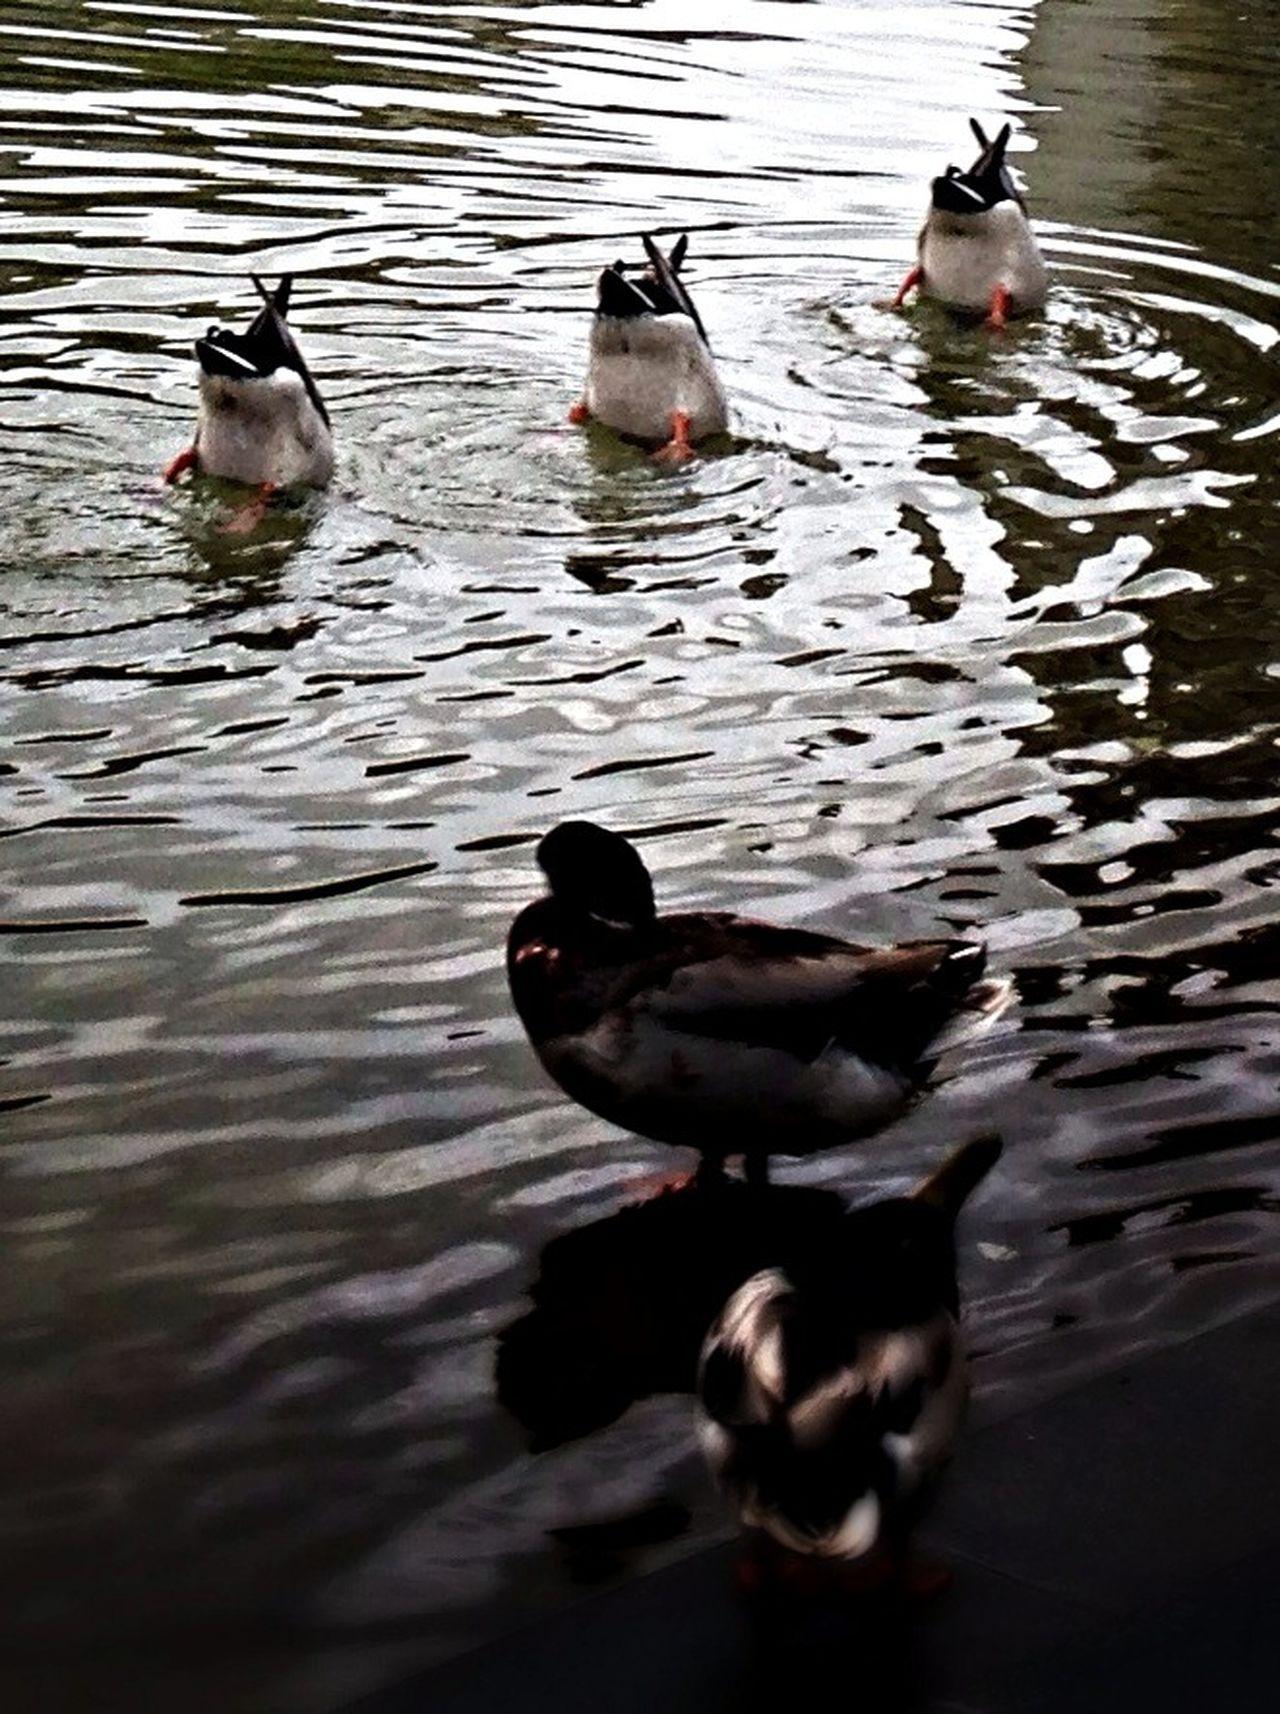 Diving ducks, Enten tauchen